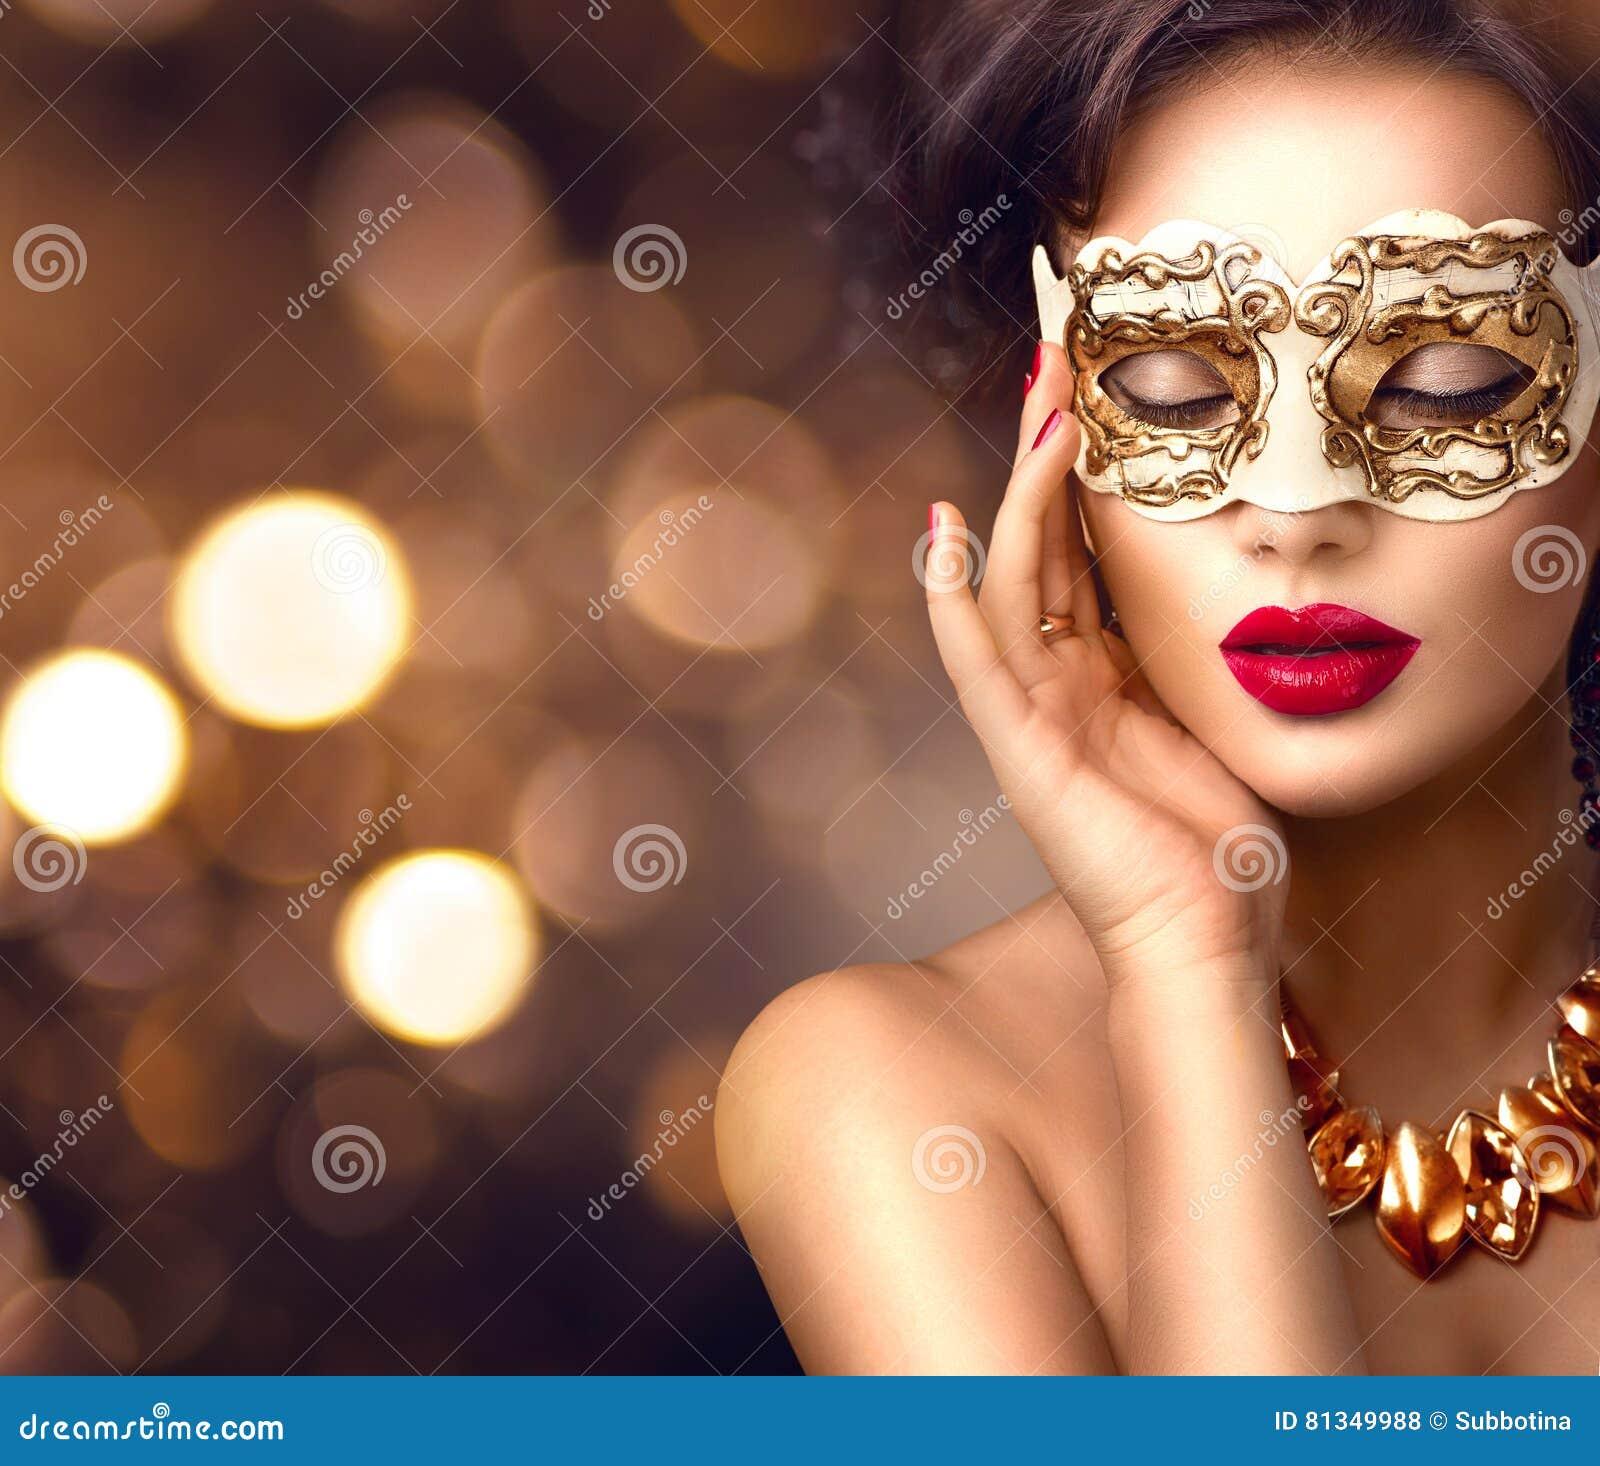 Máscara venetian vestindo do carnaval do disfarce da mulher modelo da beleza no partido